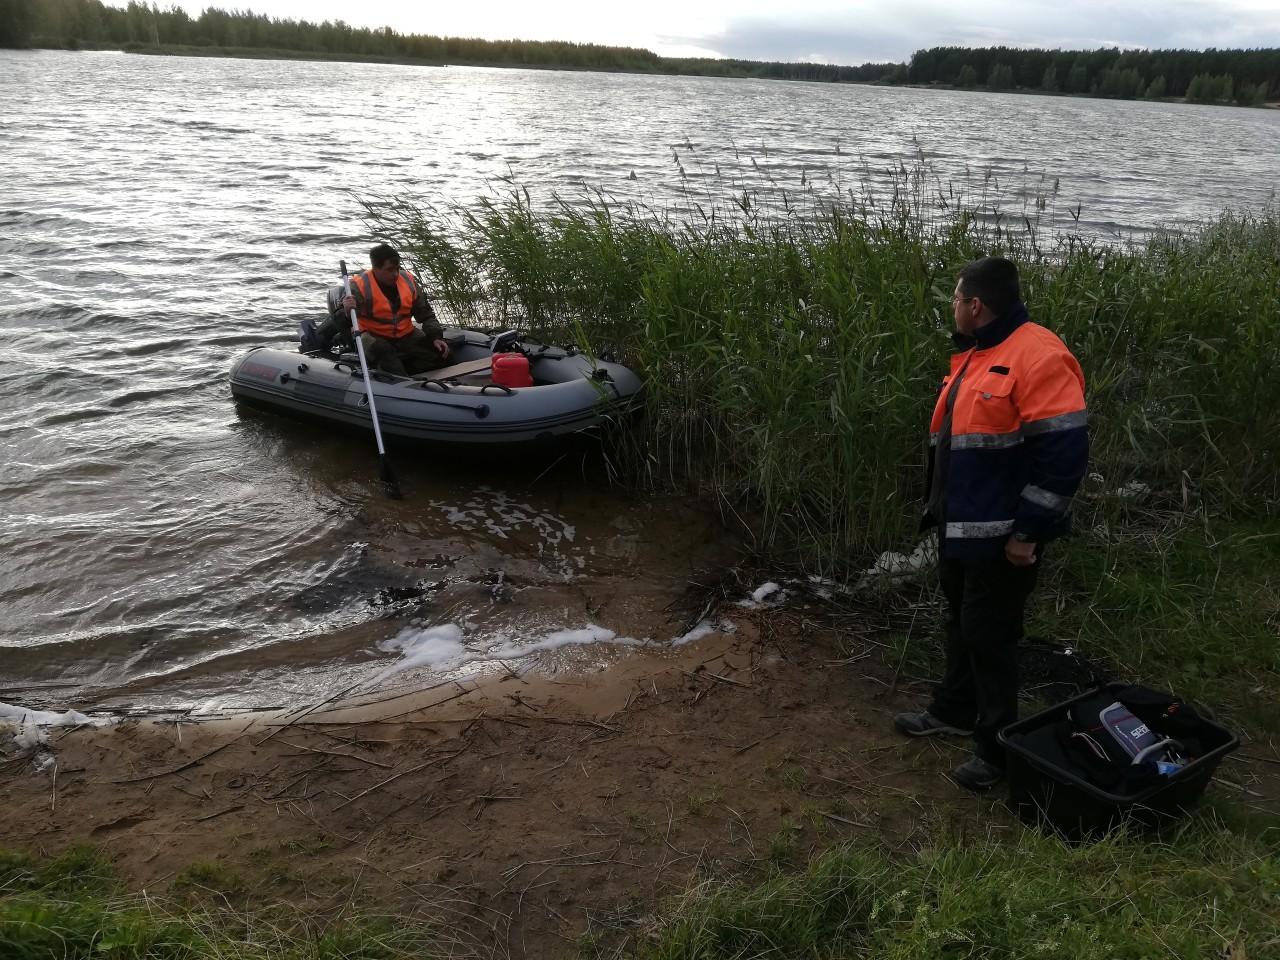 В Ярославле водолазы исследуют Прусовские карьеры в поисках пропавшей девушки: видео